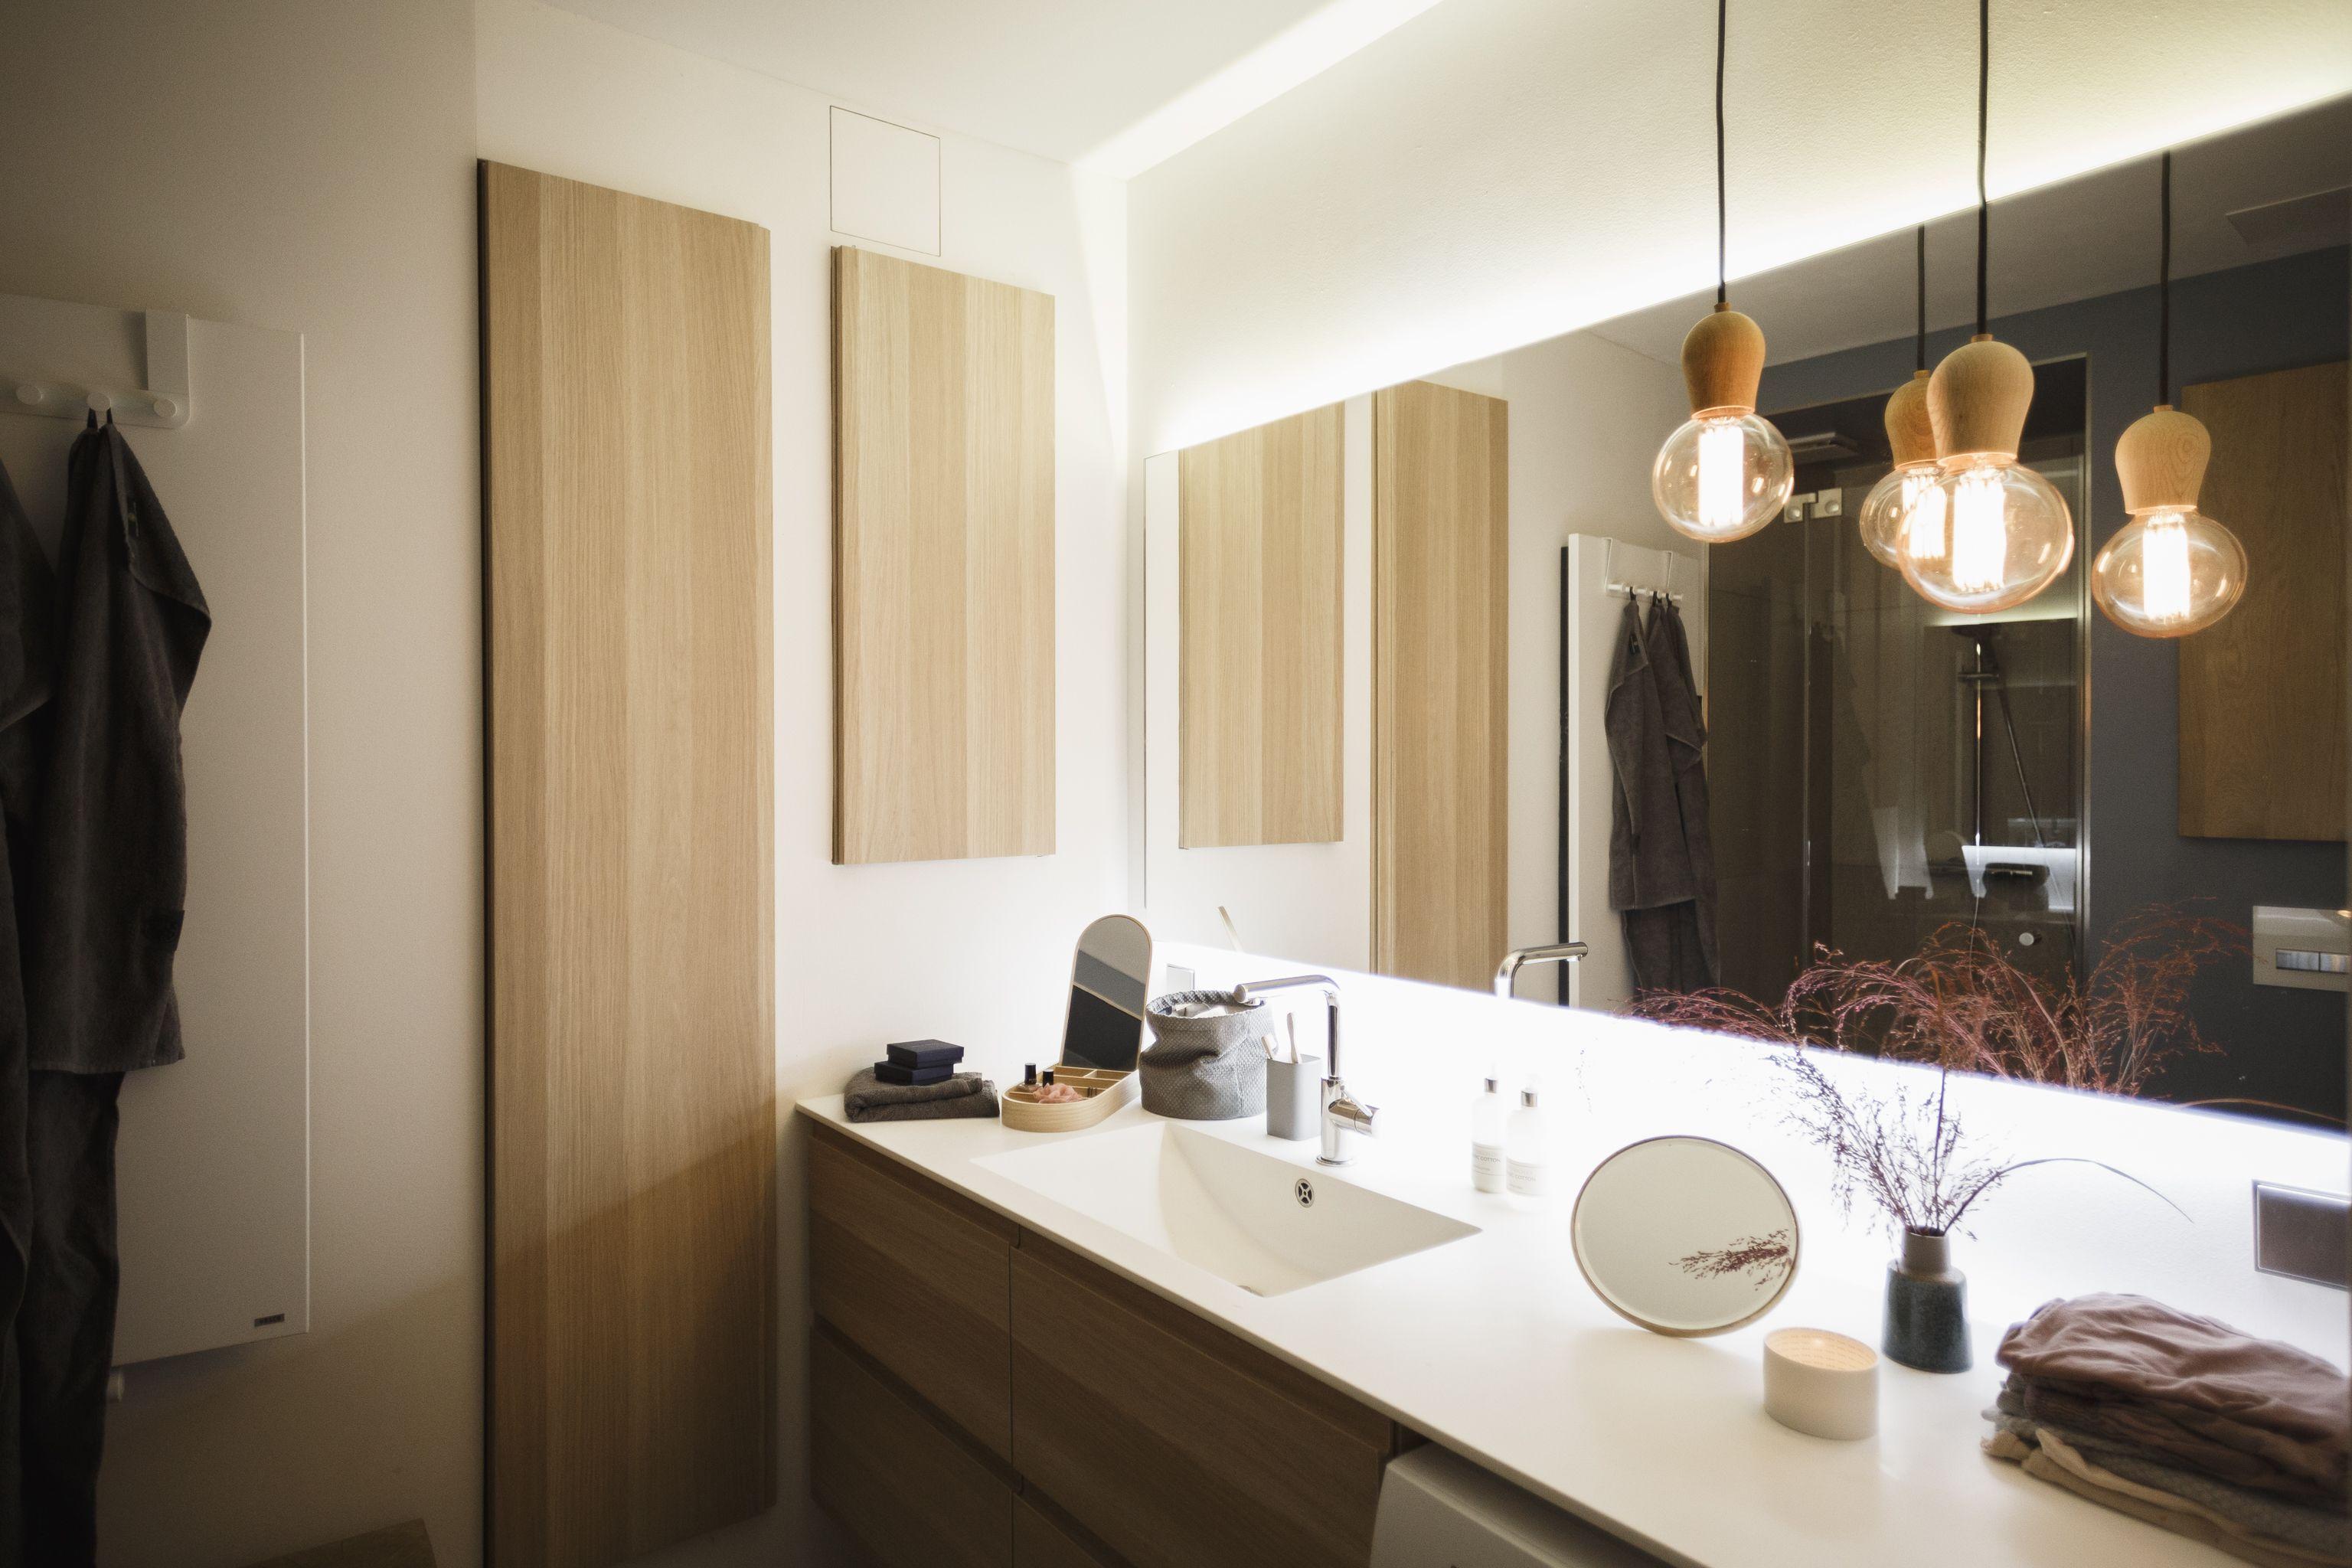 Modernes Badezimmer mit Design-Leuchten BRIGHT SPROUT | Interieur ...